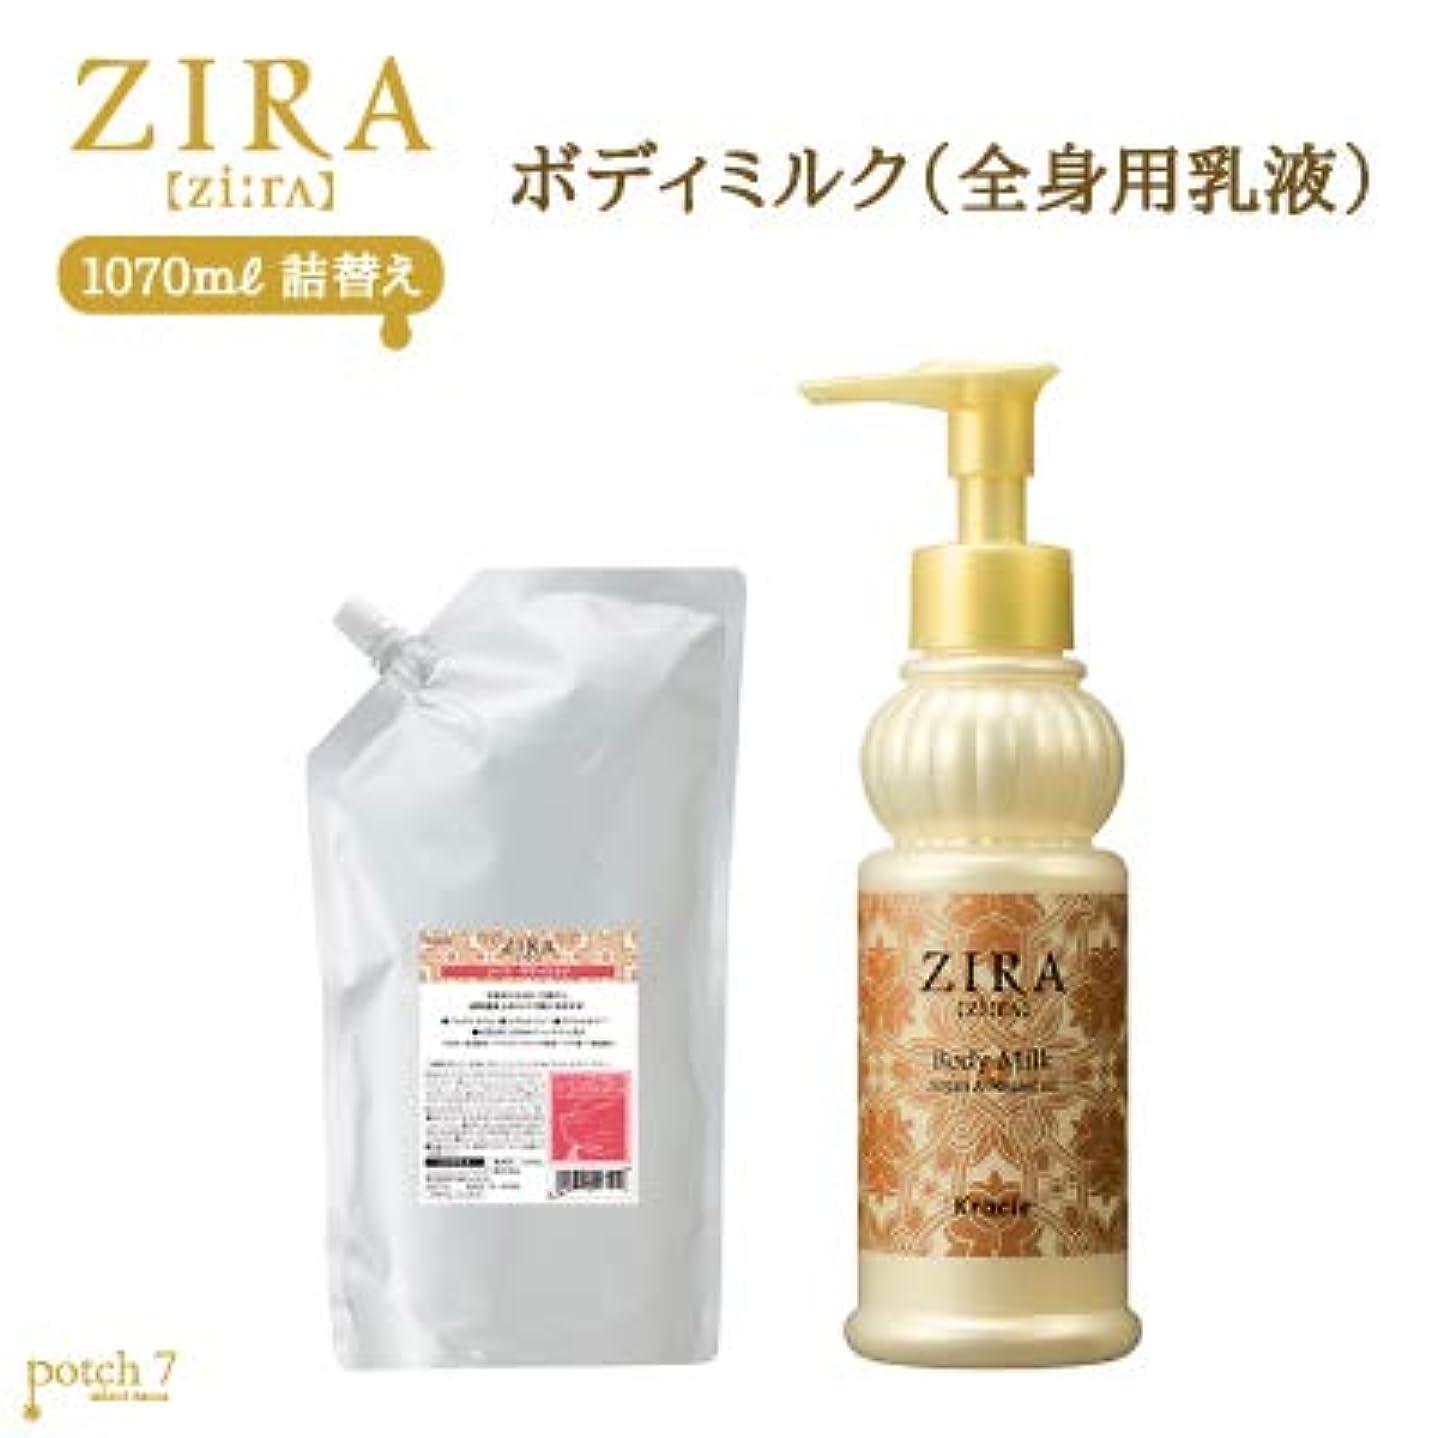 投げ捨てる頬骨ベーリング海峡kracie(クラシエ) ZIRA ジーラ ボディミルク 乳液 1070ml 業務用サイズ 詰替え 150ml×1本